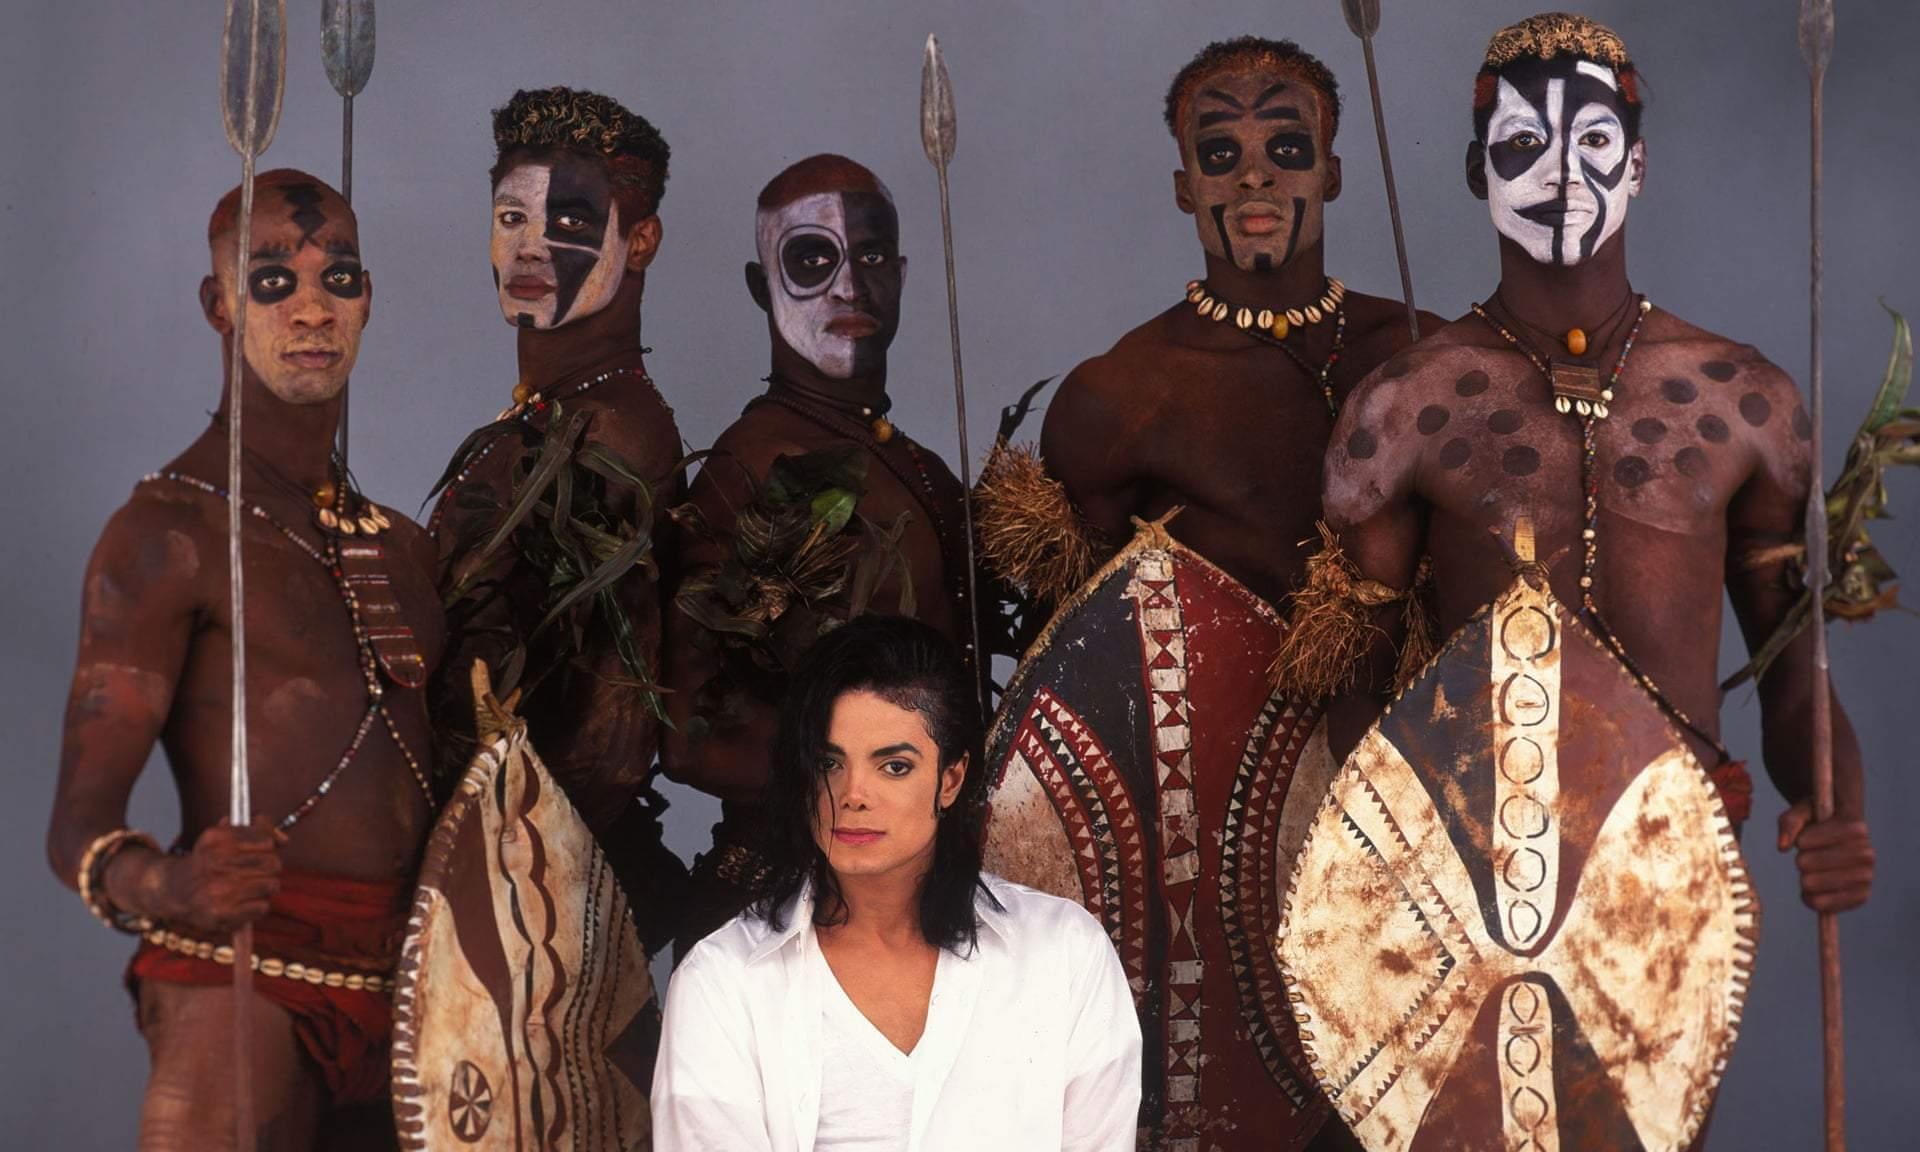 سیاه و سفید: چگونه آلبوم «خطرناک» پارادوکس نژادی مایکل جکسون را آغاز کرد – تمام مردان سلطان ... مایکل جکسون در صحنه فیلمبرداری «سیاه و سفید». عکس از: Sam Emerson/Polaris/Eyevine